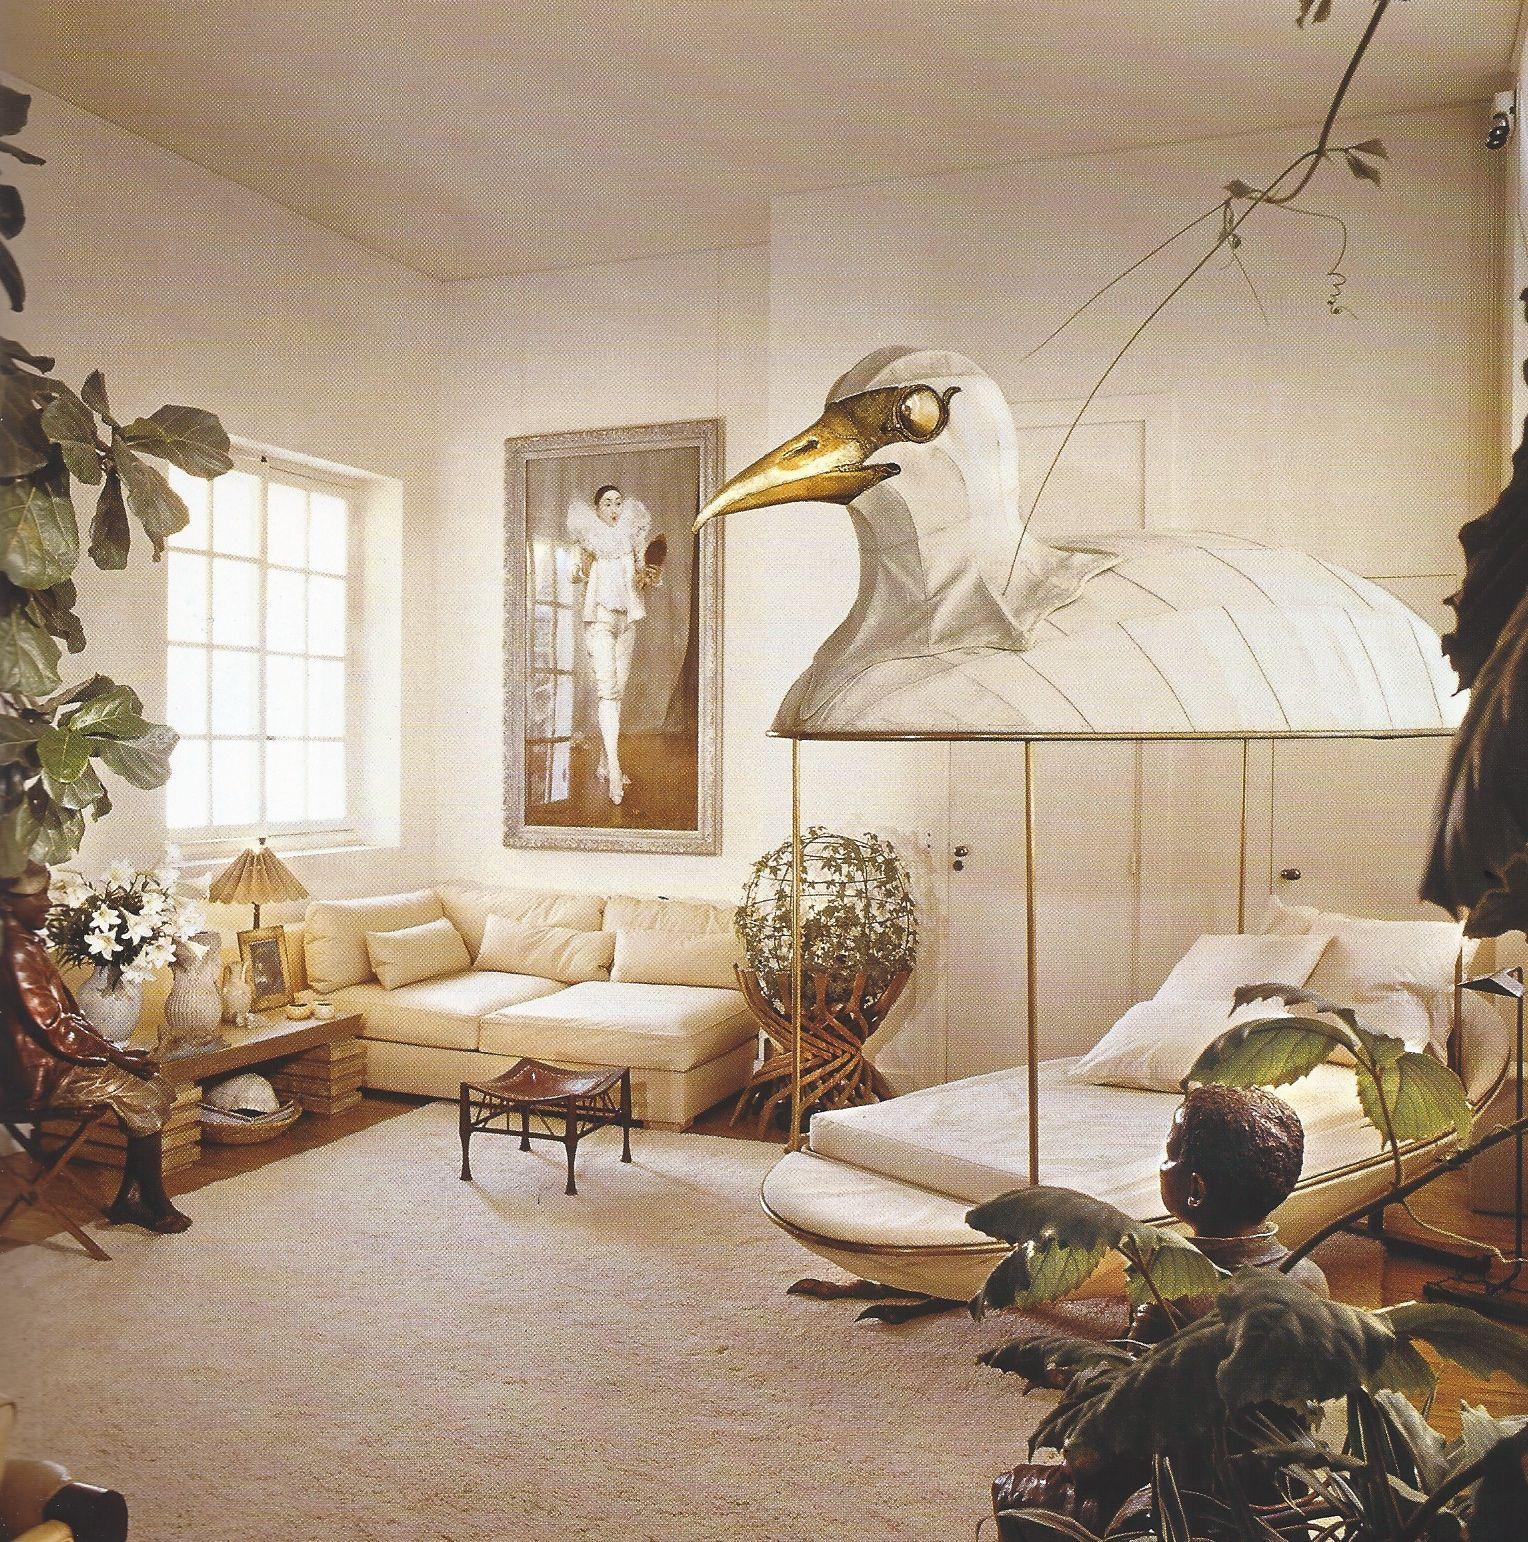 Jacques Grange 39 S Apartment In Paris 1975 Bedrooms Pinterest Interior Interior Design